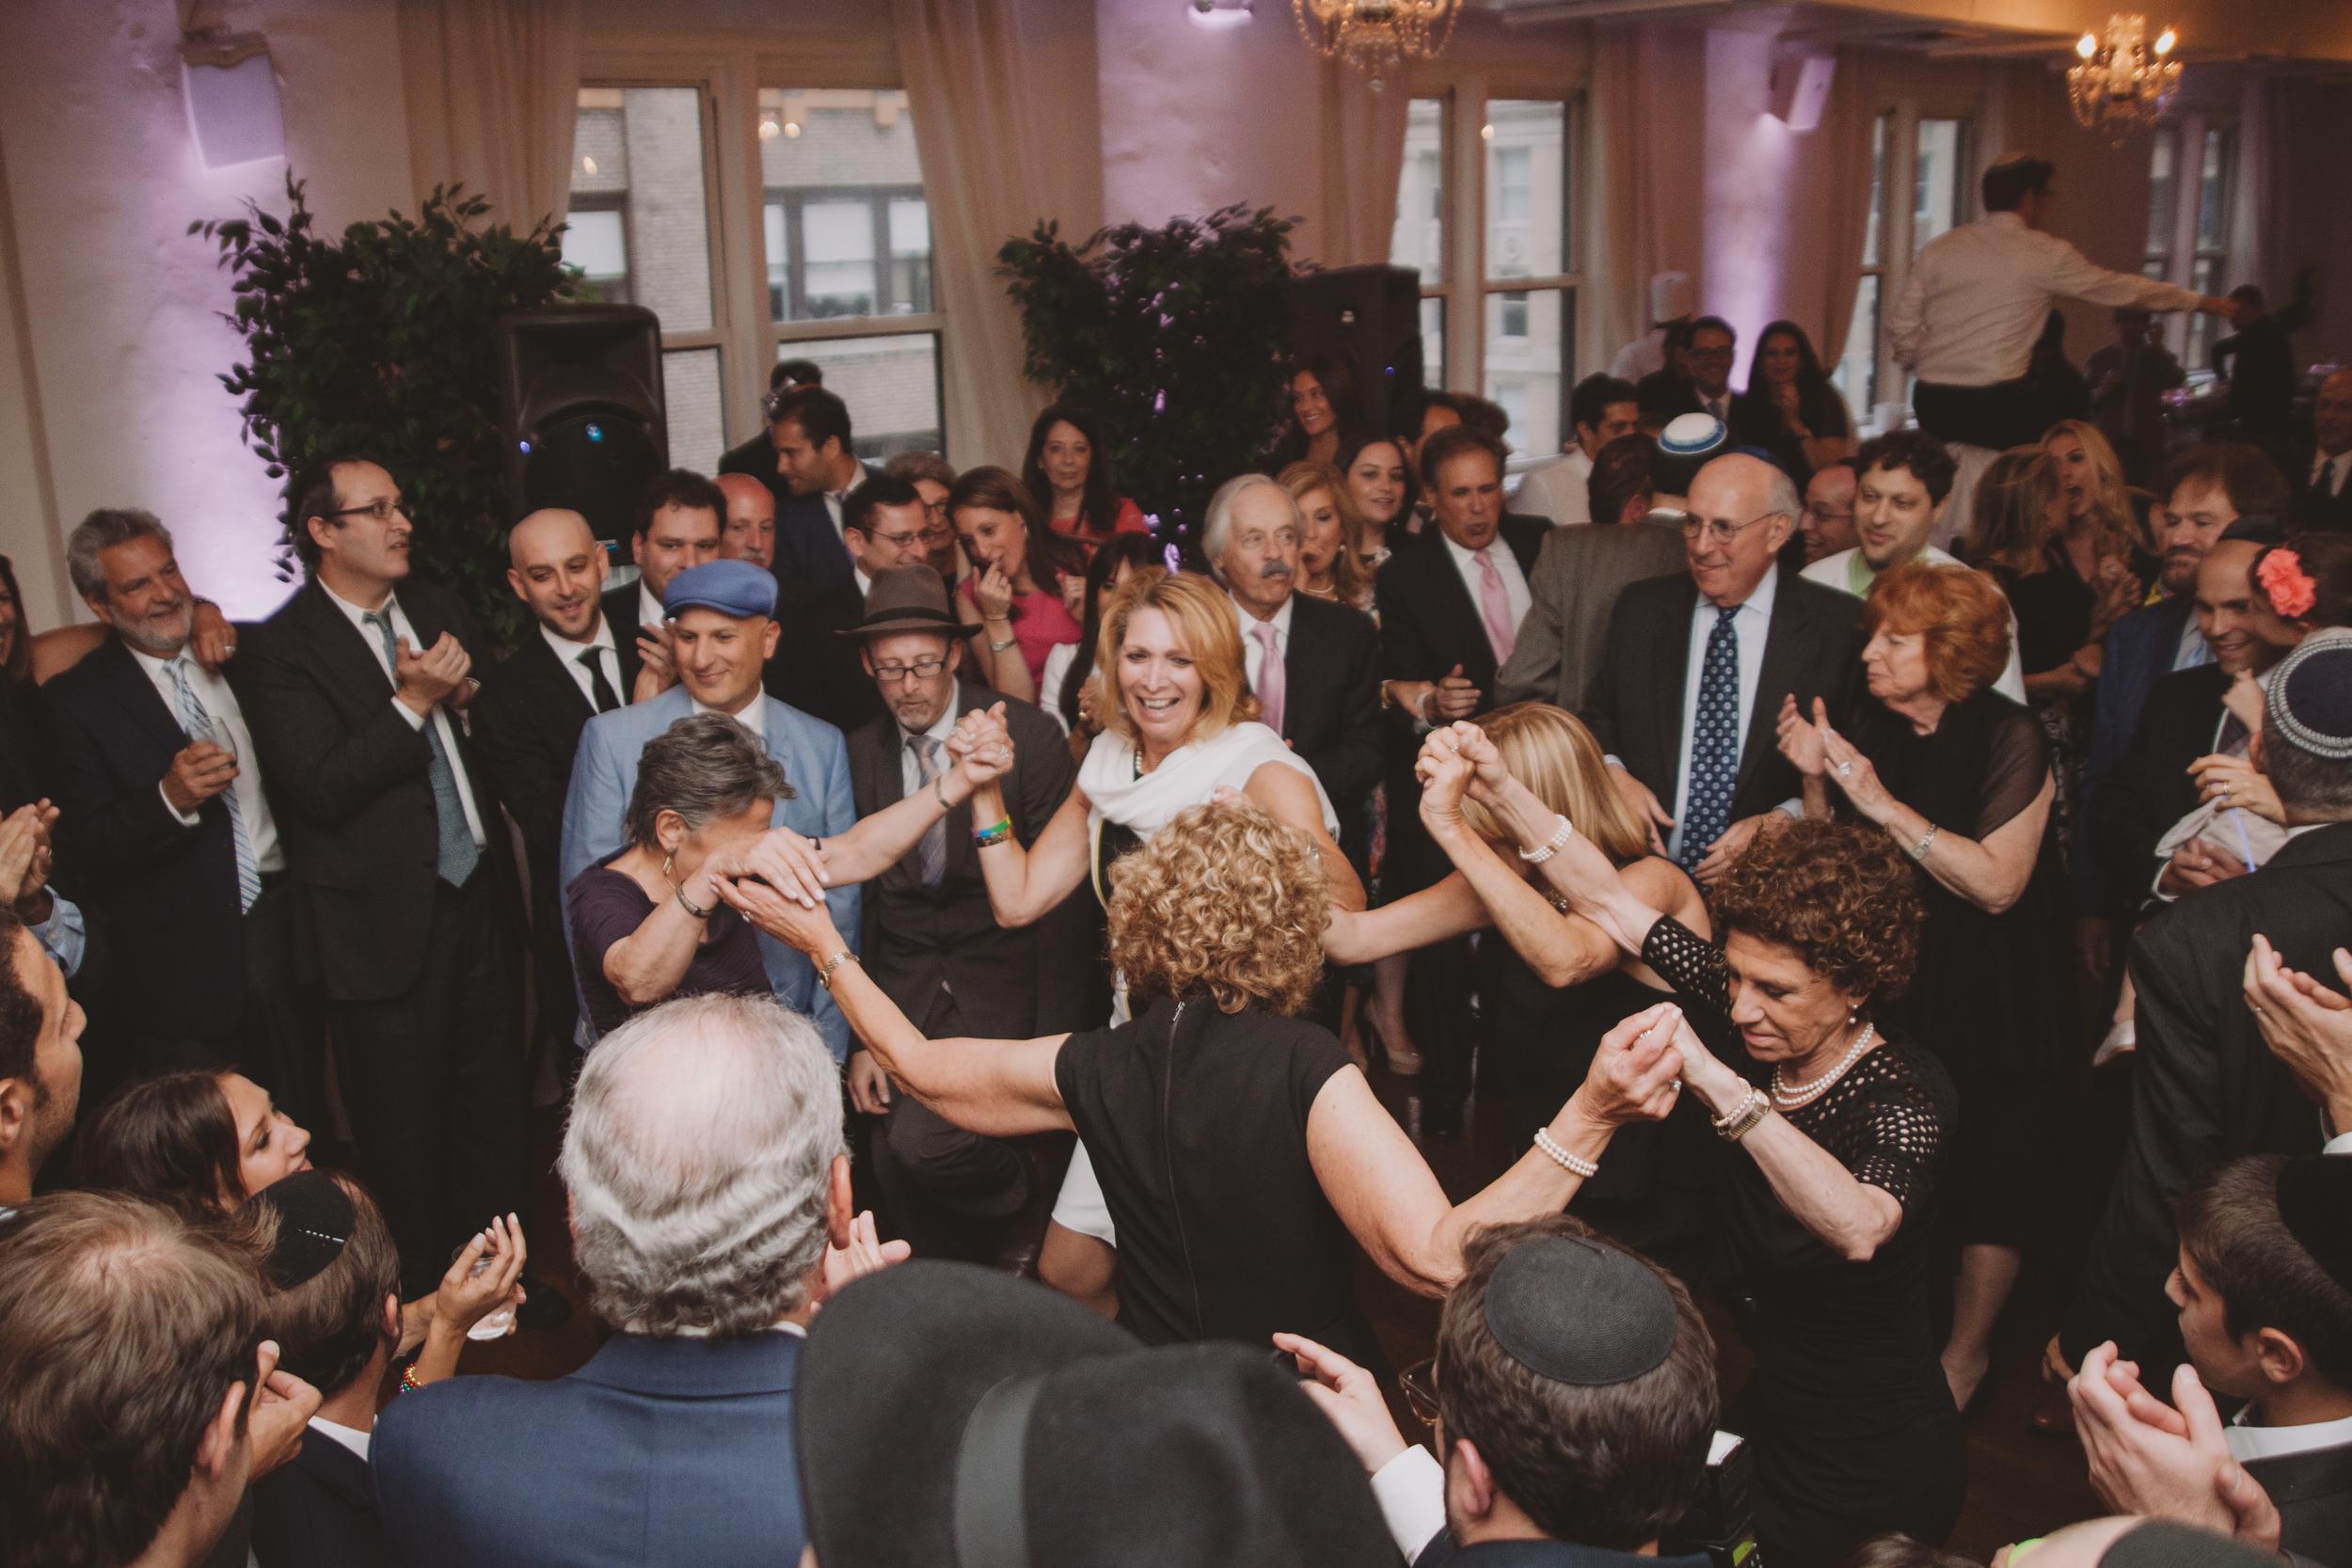 fun party wedding